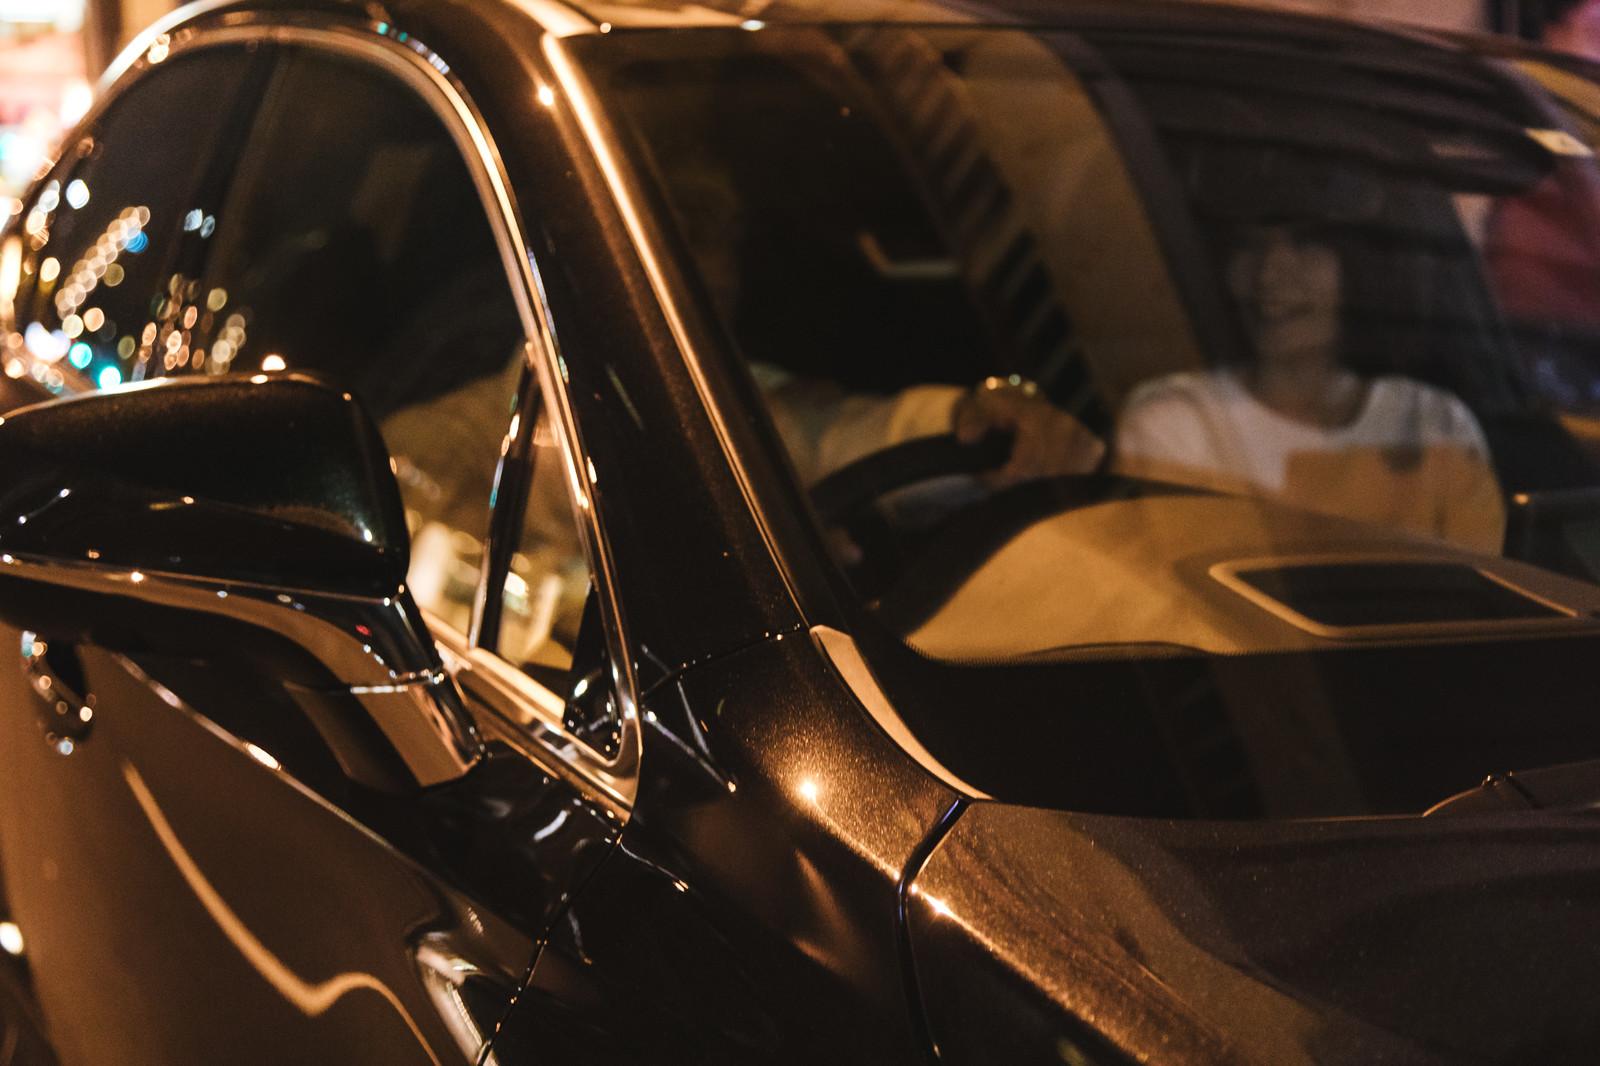 男性の大きな勘違い!女性にとって車デートがメンドクサイ理由